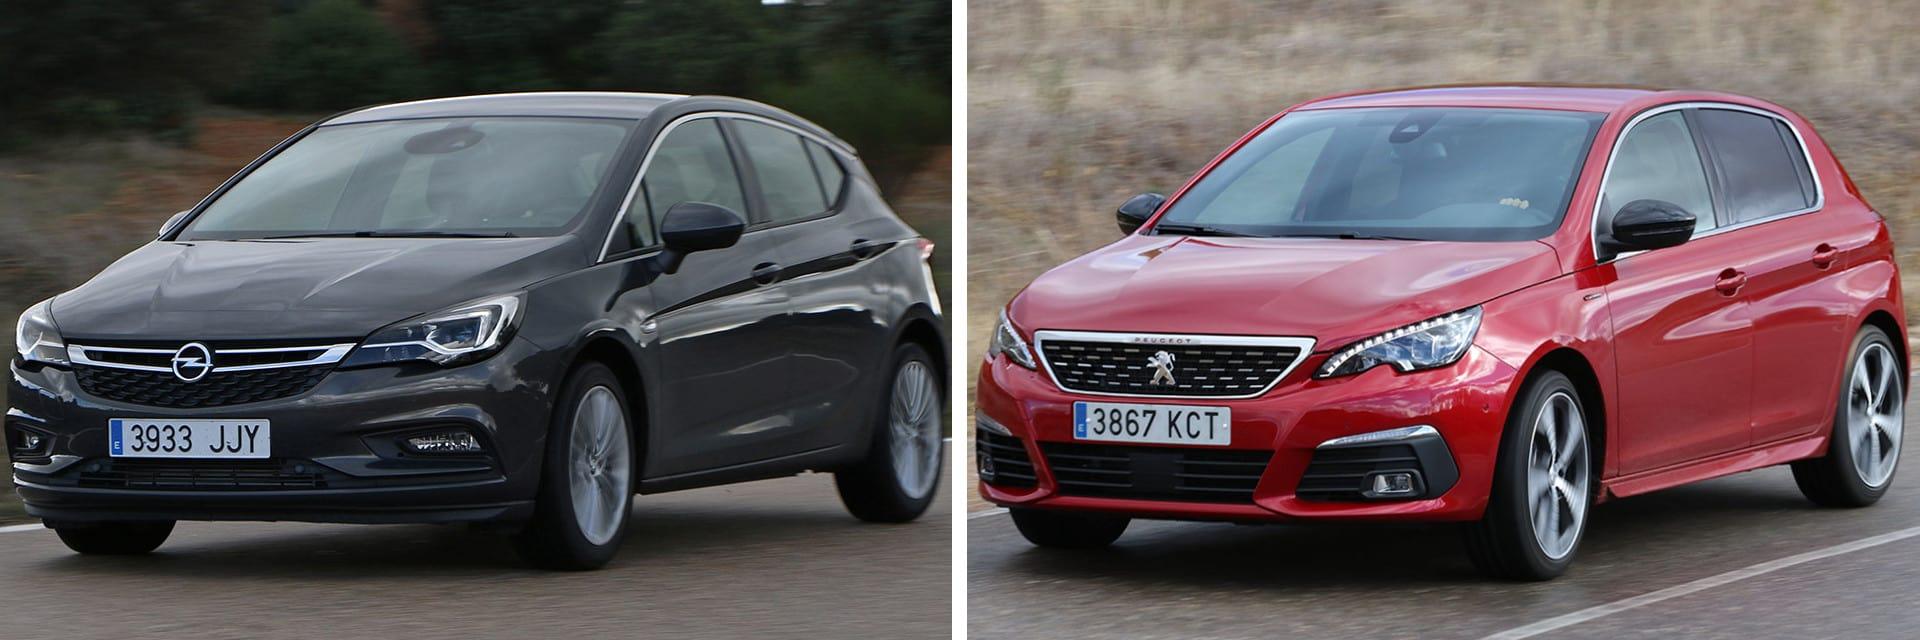 Haciendo el mismo trayecto a una velocidad media de 120 km/h, el Astra (izq.) consumió 6,9 l/100 km y el Peugeot (dcha.), 7,2 l/100 km.